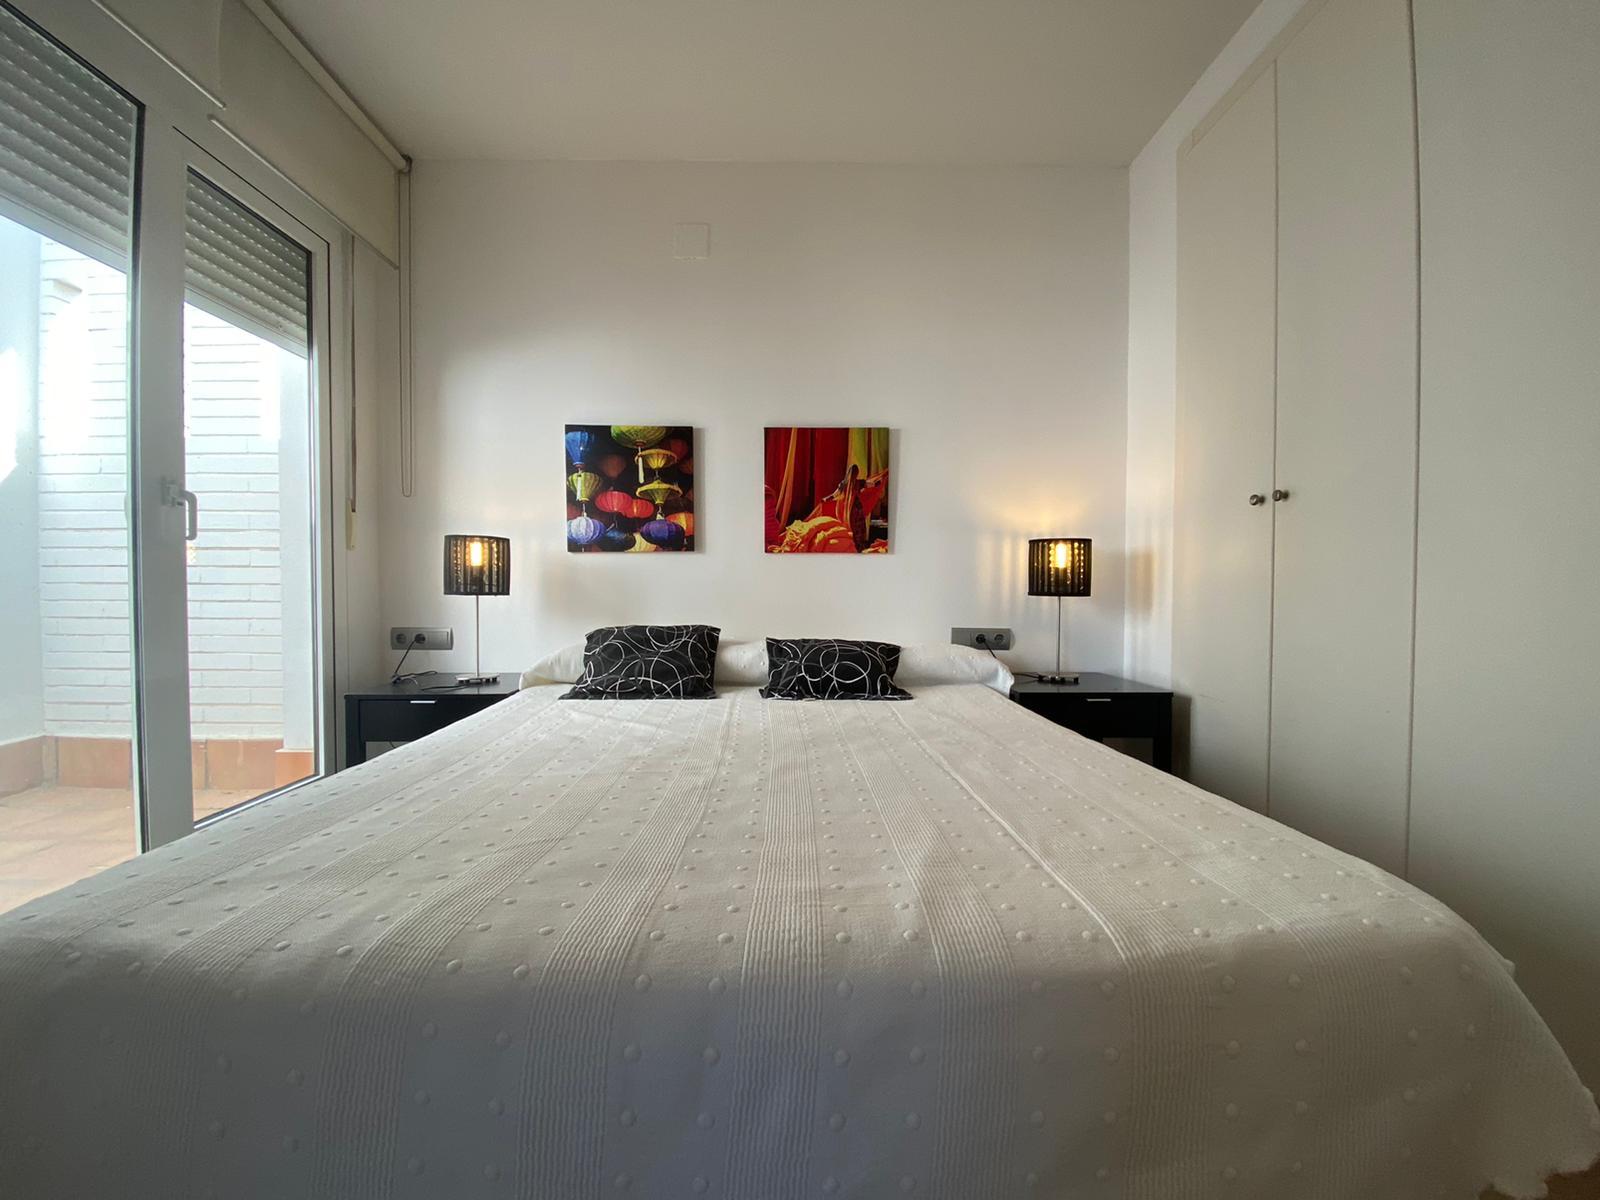 Imagen 17 del Apartamento Turístico, Ático 1 Poniente (3d+2b), Punta del Moral (HUELVA), Paseo de la Cruz nº22